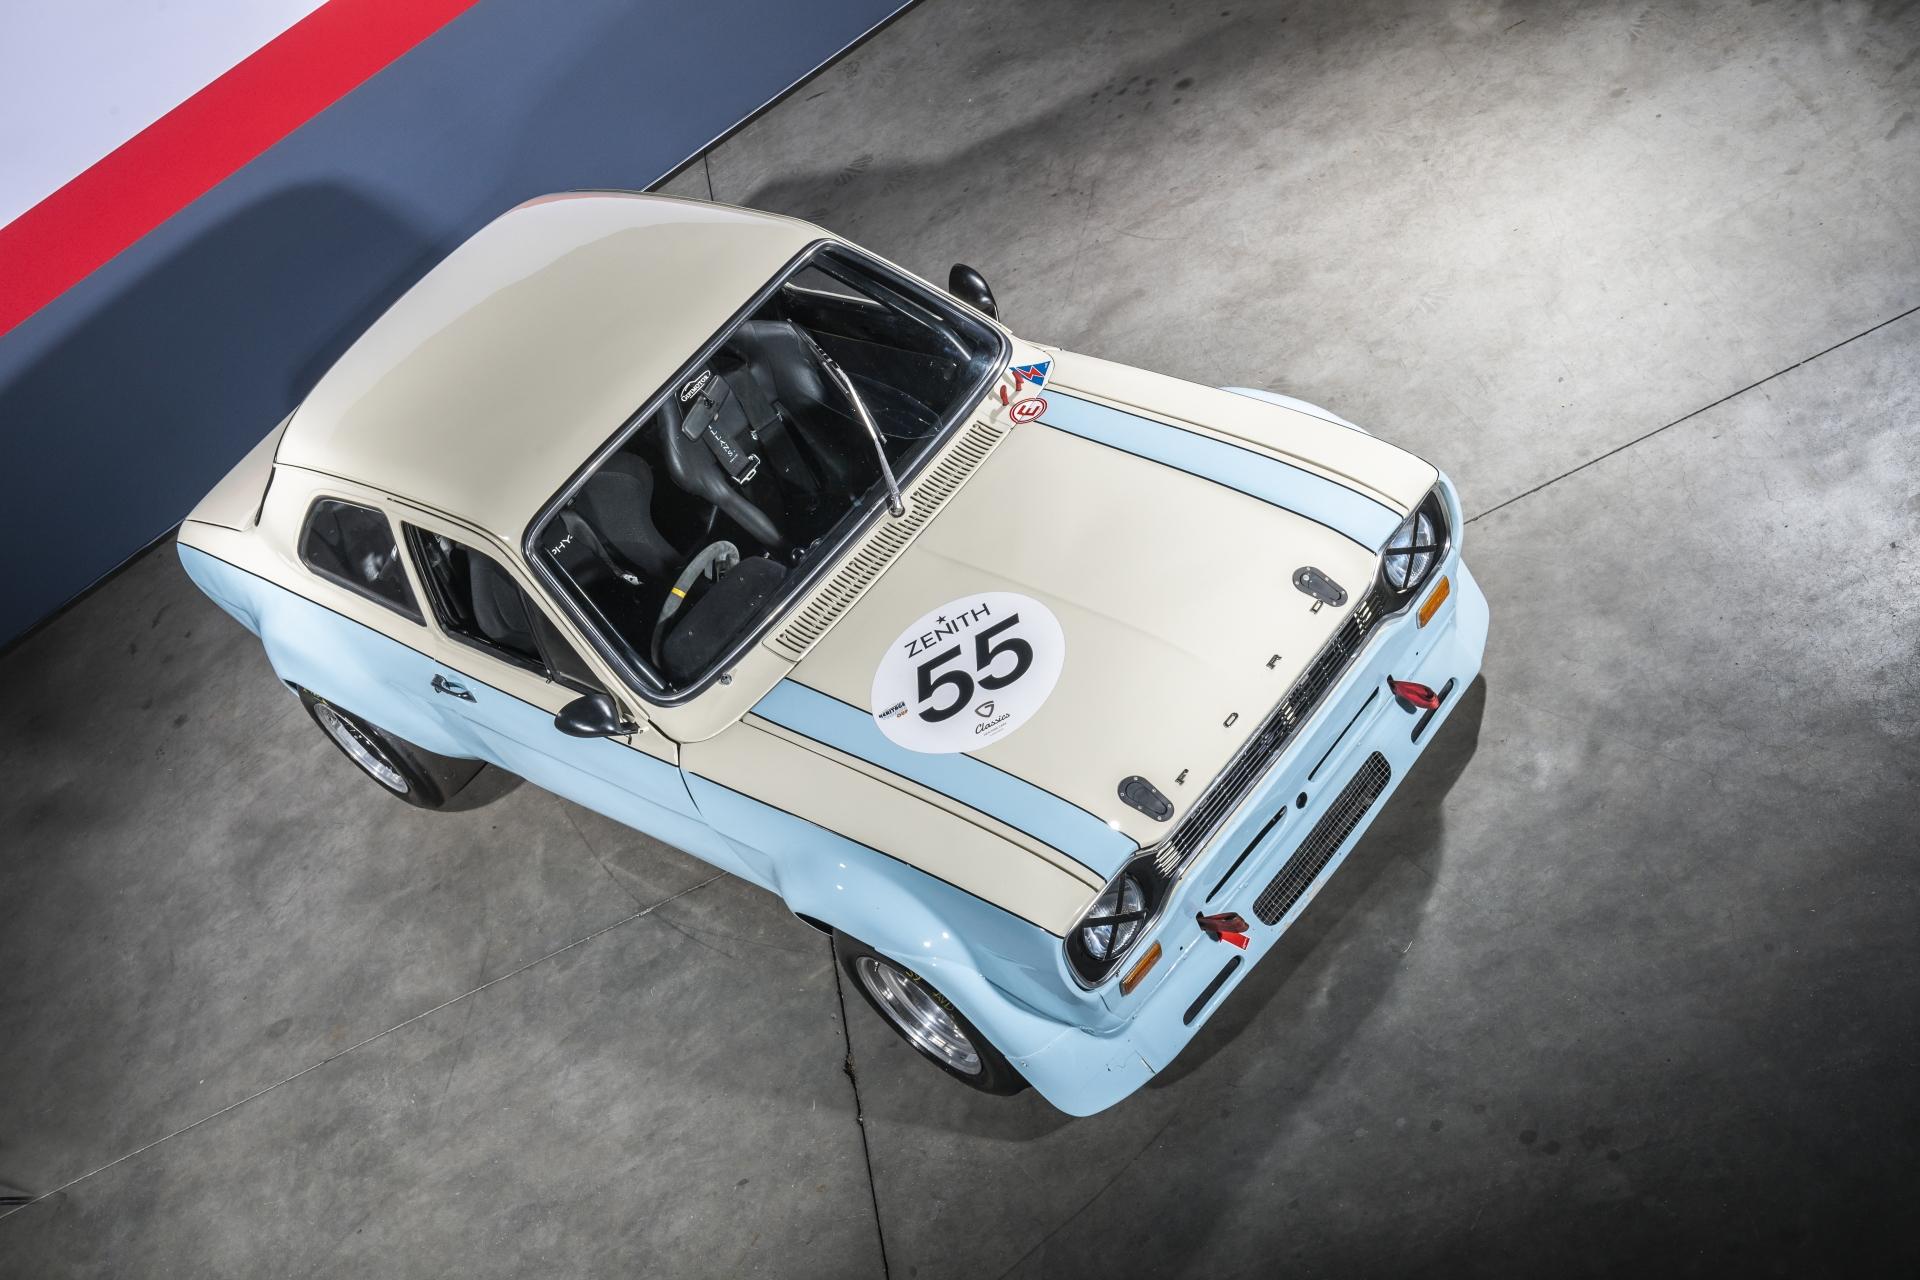 ford-escort-mki-boissy-3-4avdh.jpg